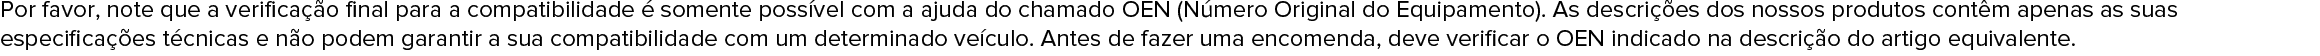 DENCKERMANN PF 1222, X 146, X 147, X 4001 E, MO-526 Filtro de óleo